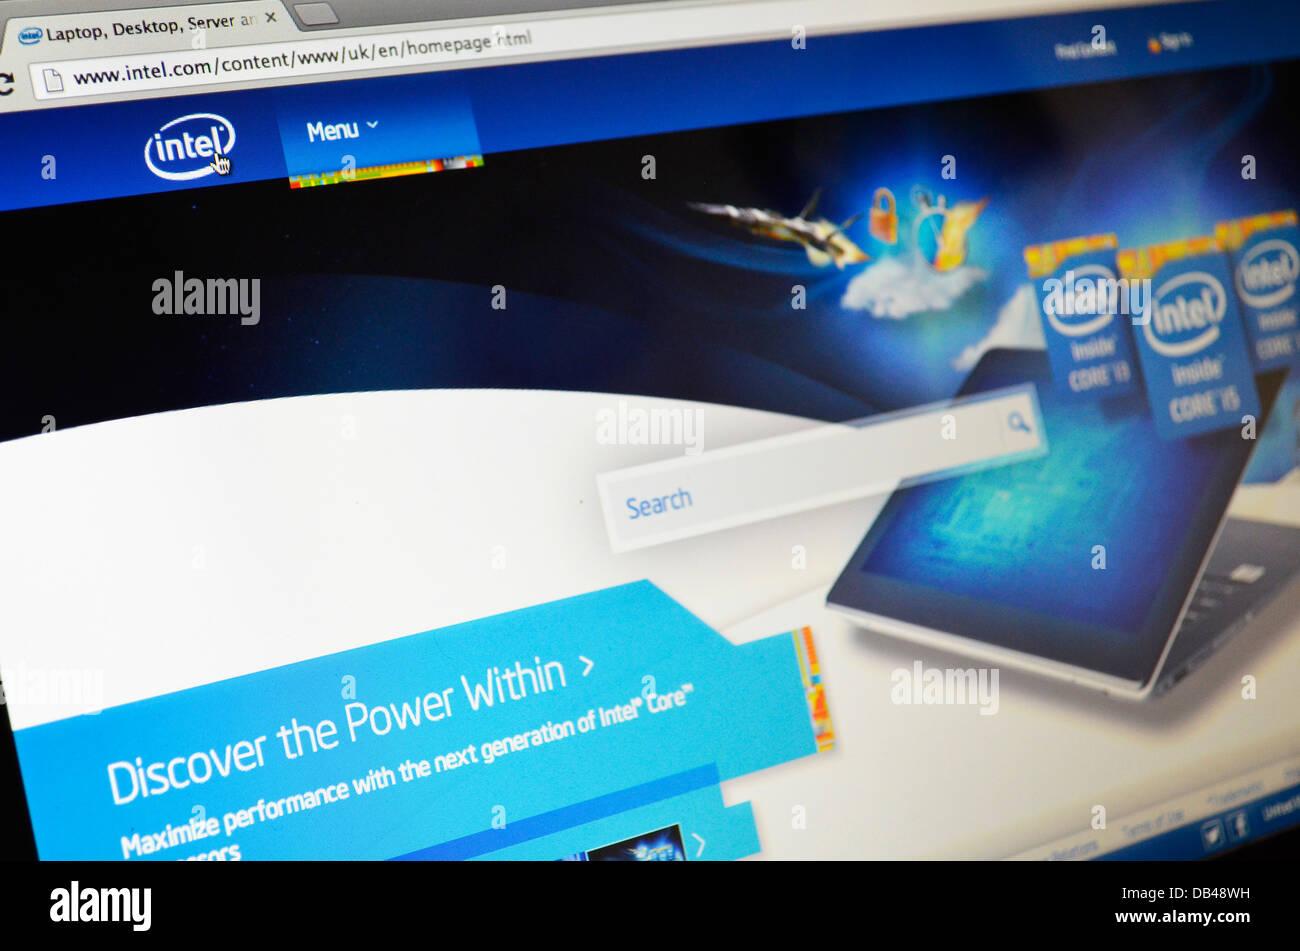 Intel computer website - Stock Image